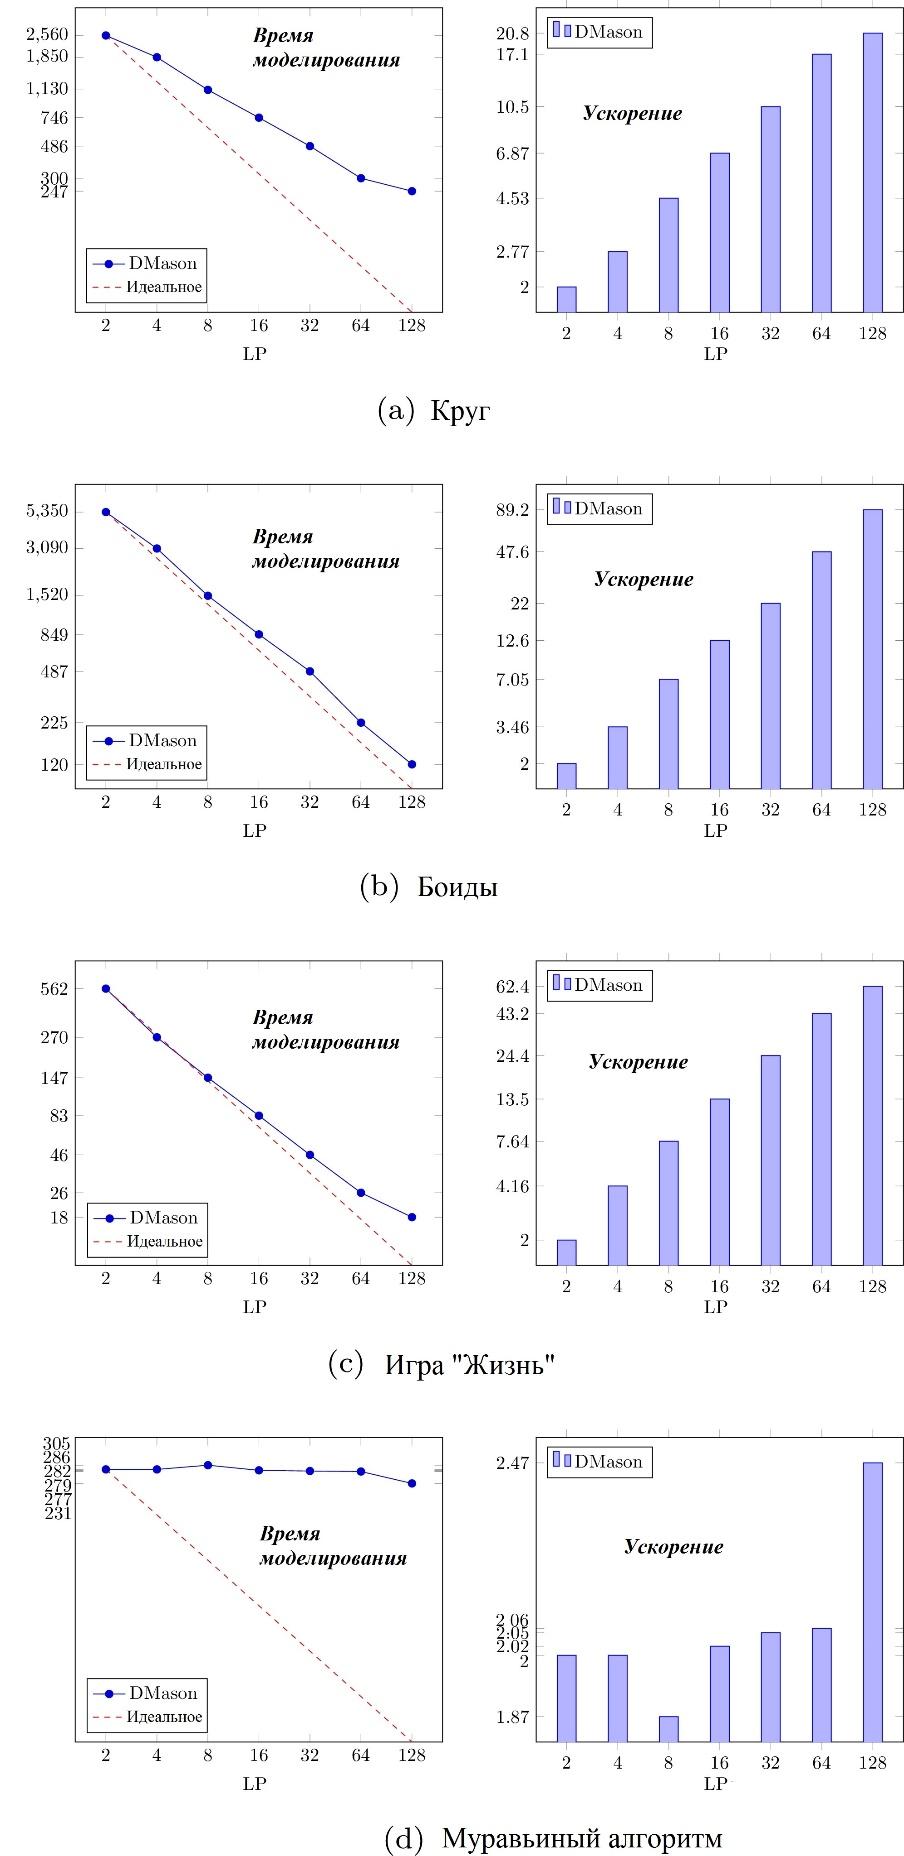 Рис. 8. Масштабируемость различных агент-ориентированных 2D моделей, реализованных в D-MASON для 106 агентов